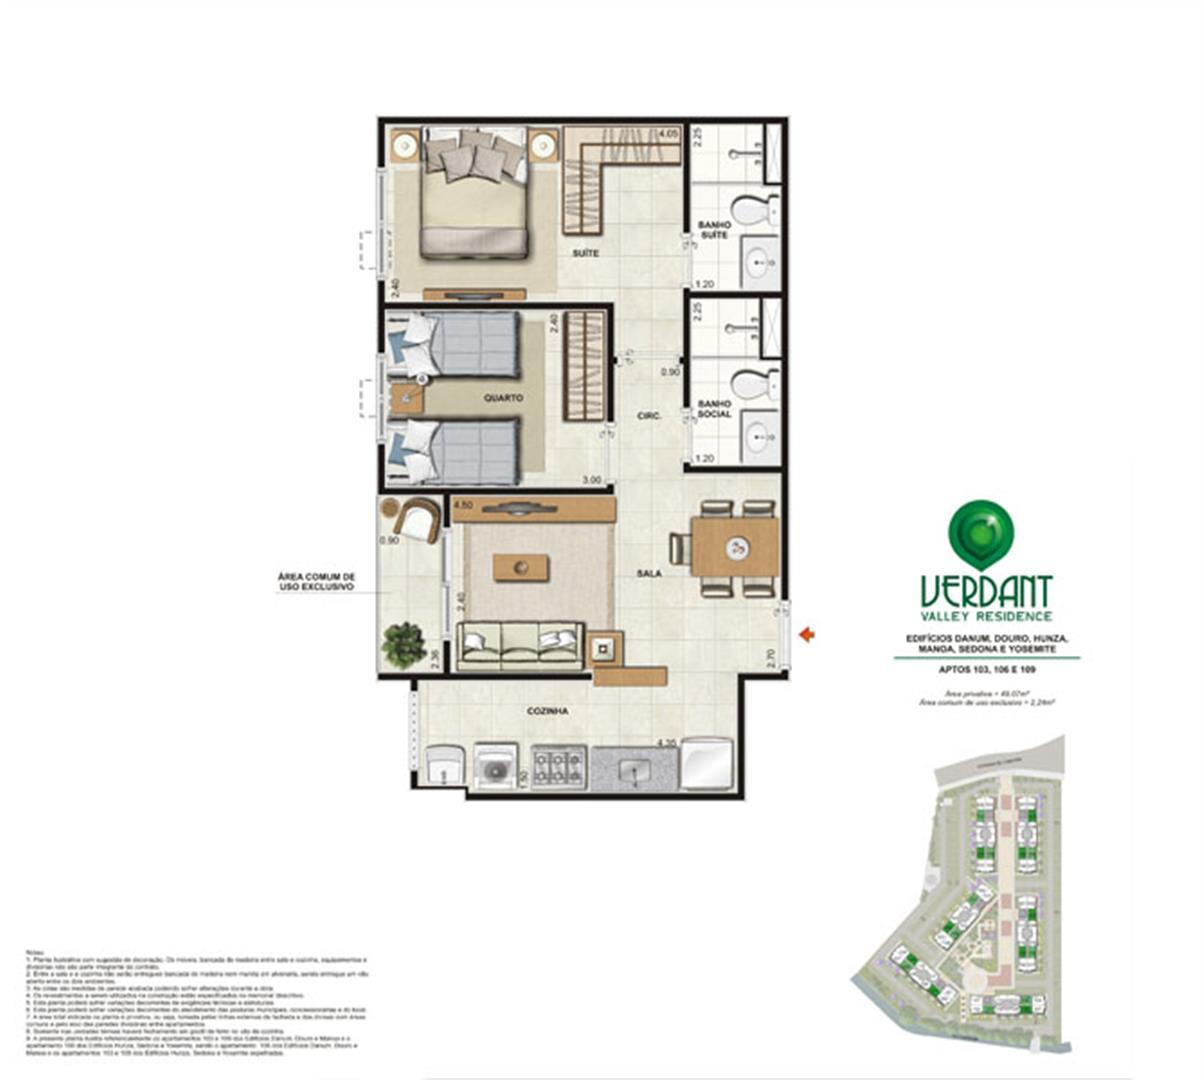 2 Quartos com suíte - 51,31m² - Aptos 103, 106 e 109 - Edifícios Danum, Douro, Hunza, Manoa, Sedona e Yosemite